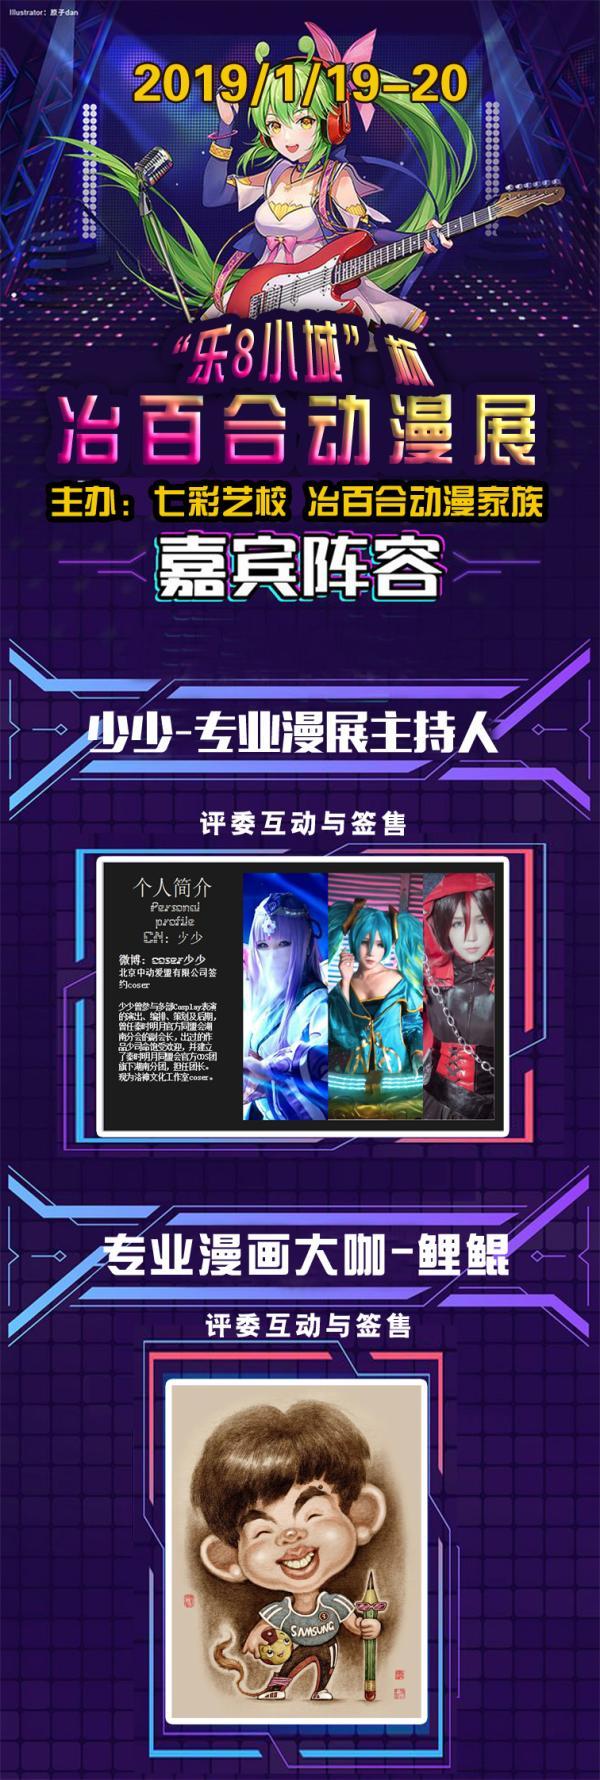 2019乐8小城杯.岳阳冶百合动漫展